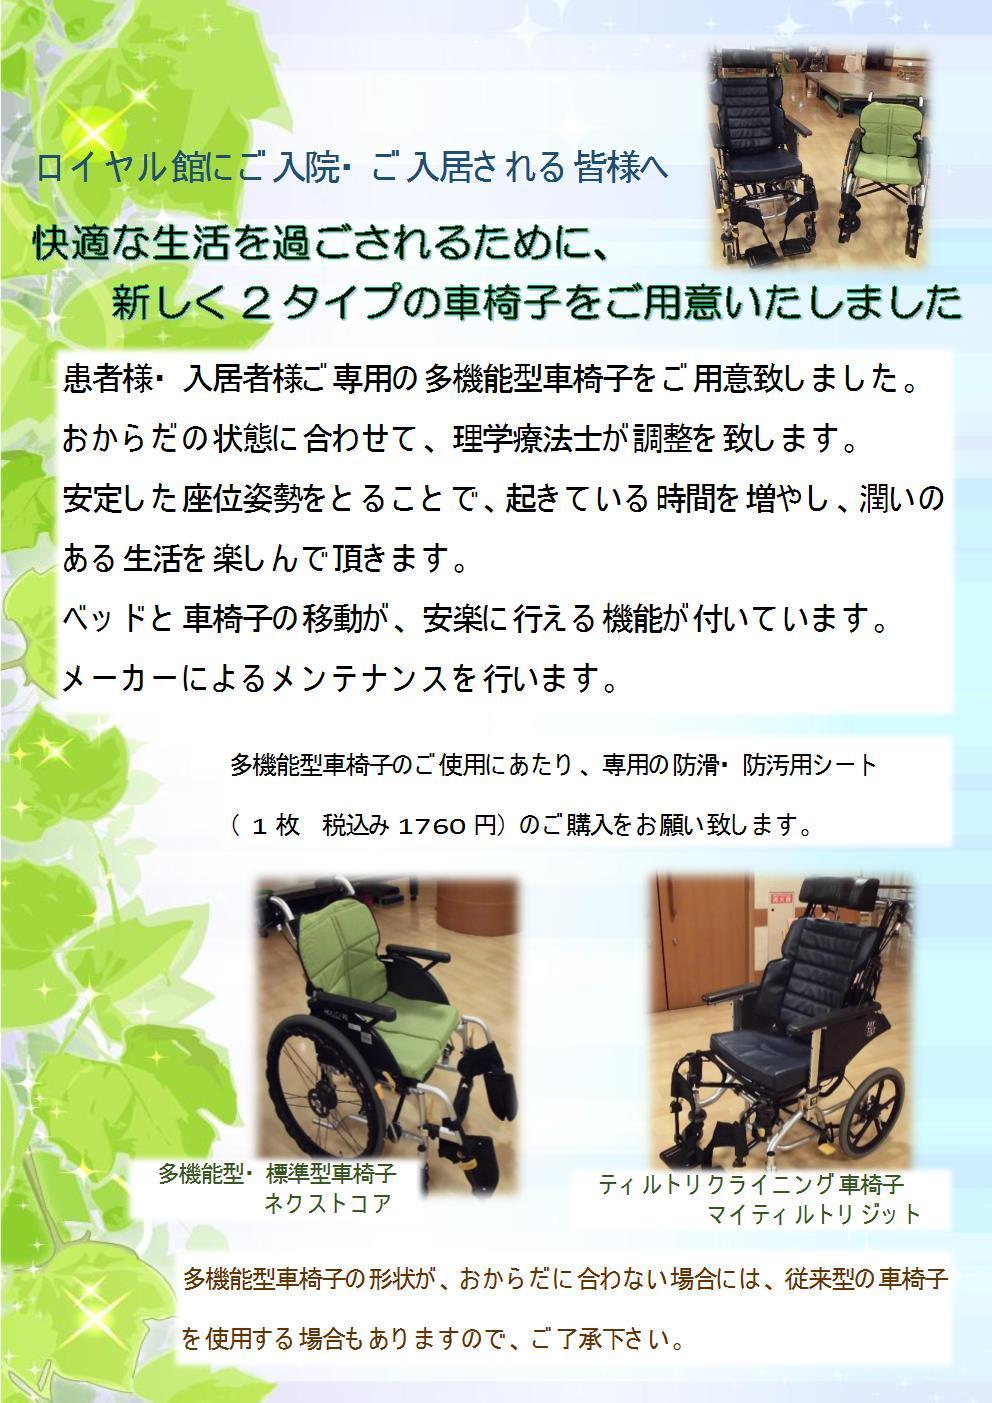 レンタル車椅子チラシ(2)JPEG.jpg